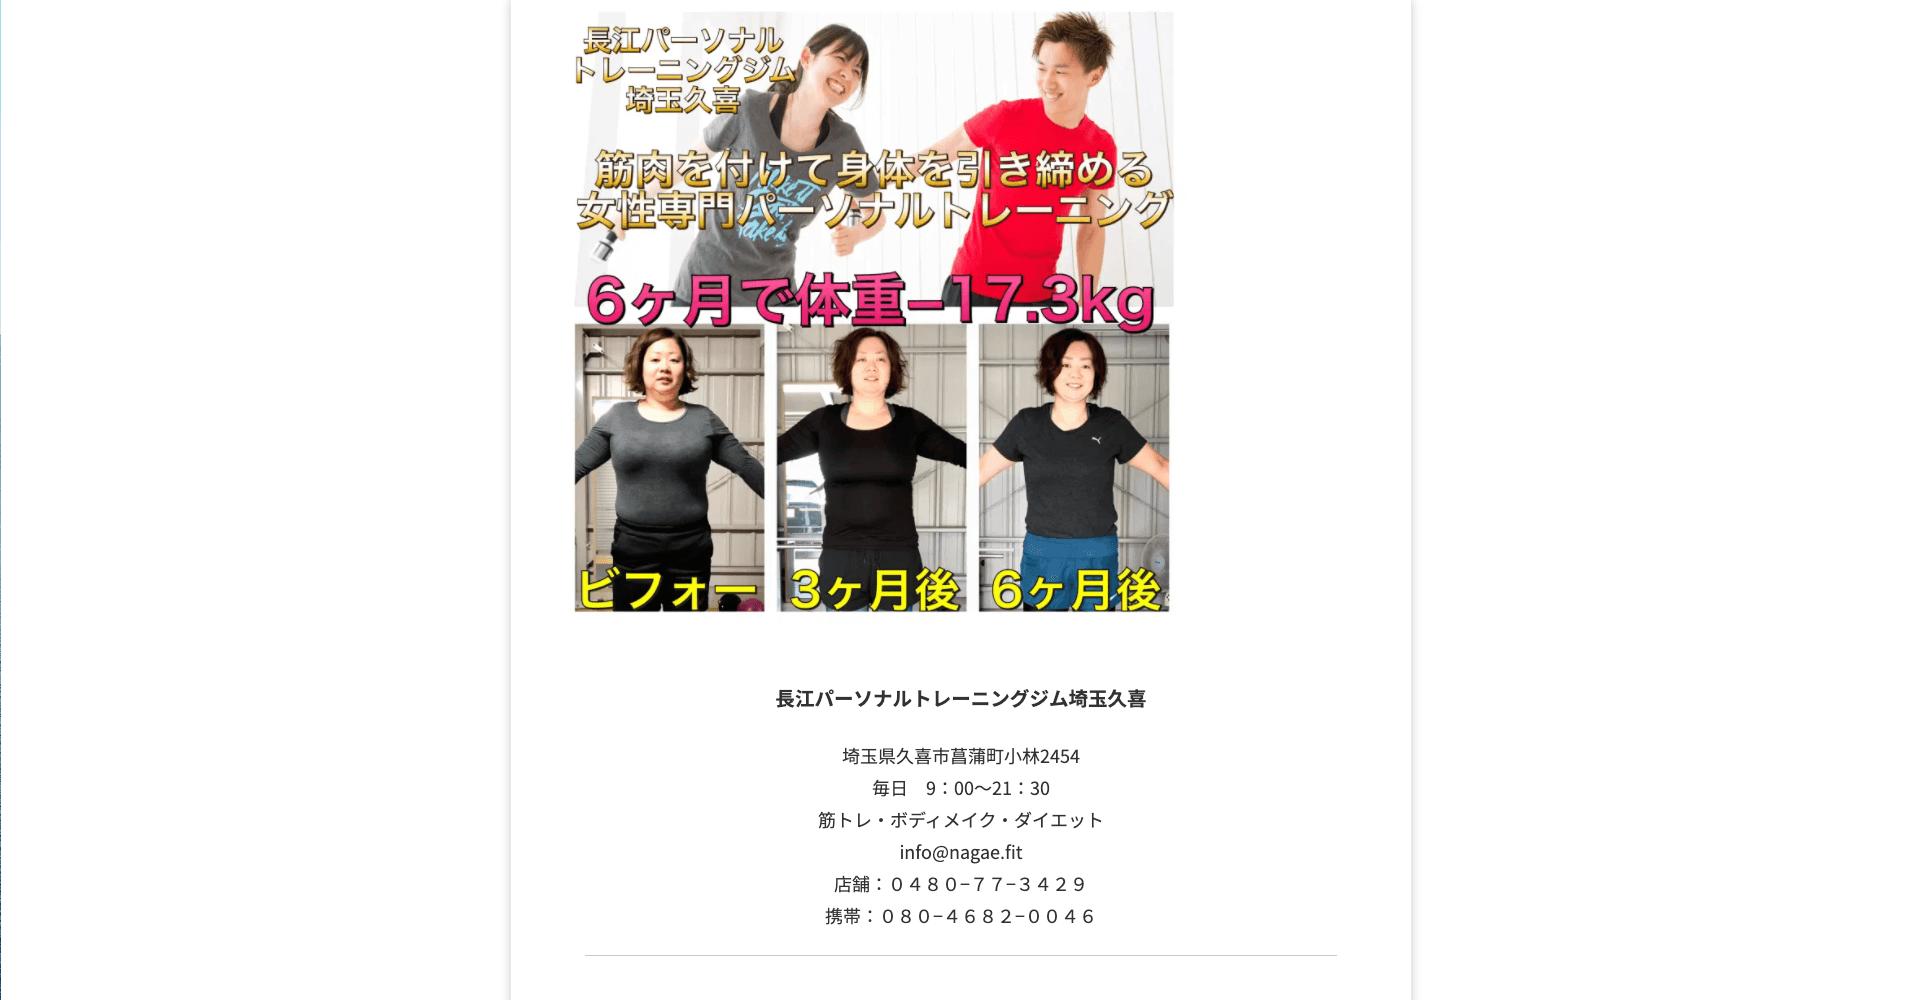 長江パーソナルトレーニングジム埼玉久喜